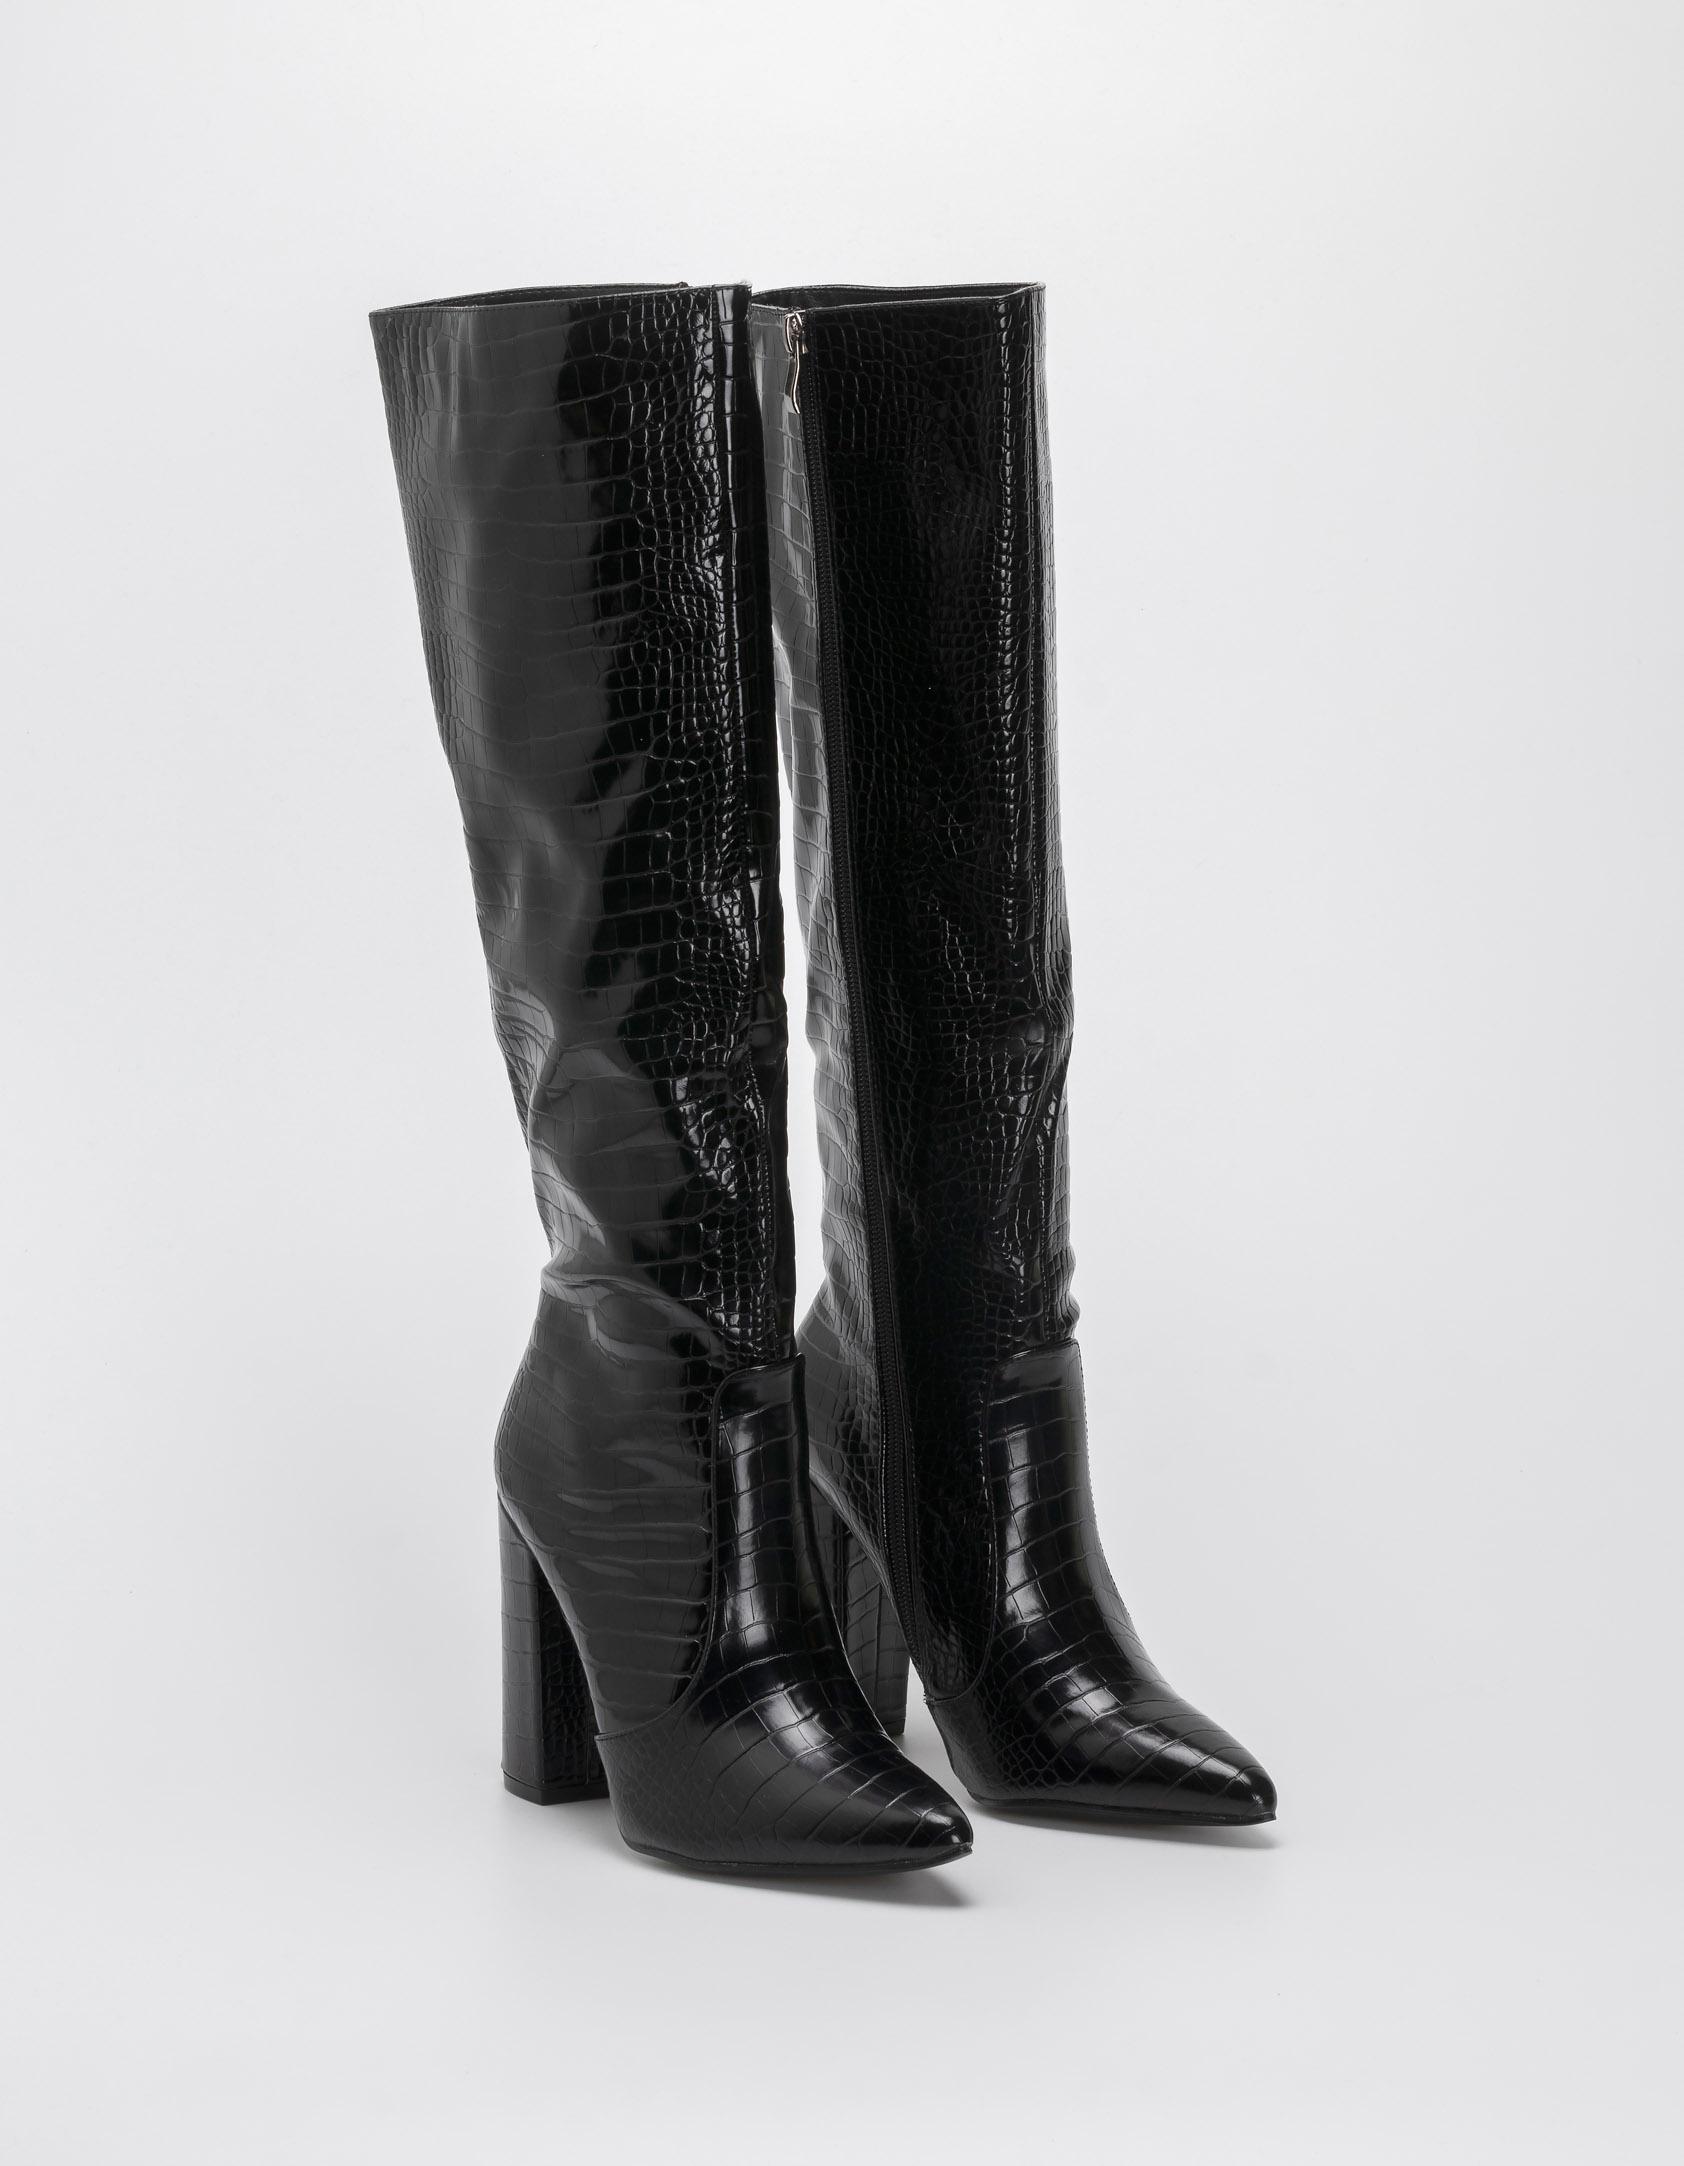 Μπότες croco με χοντρό τακούνι - Μαύρο